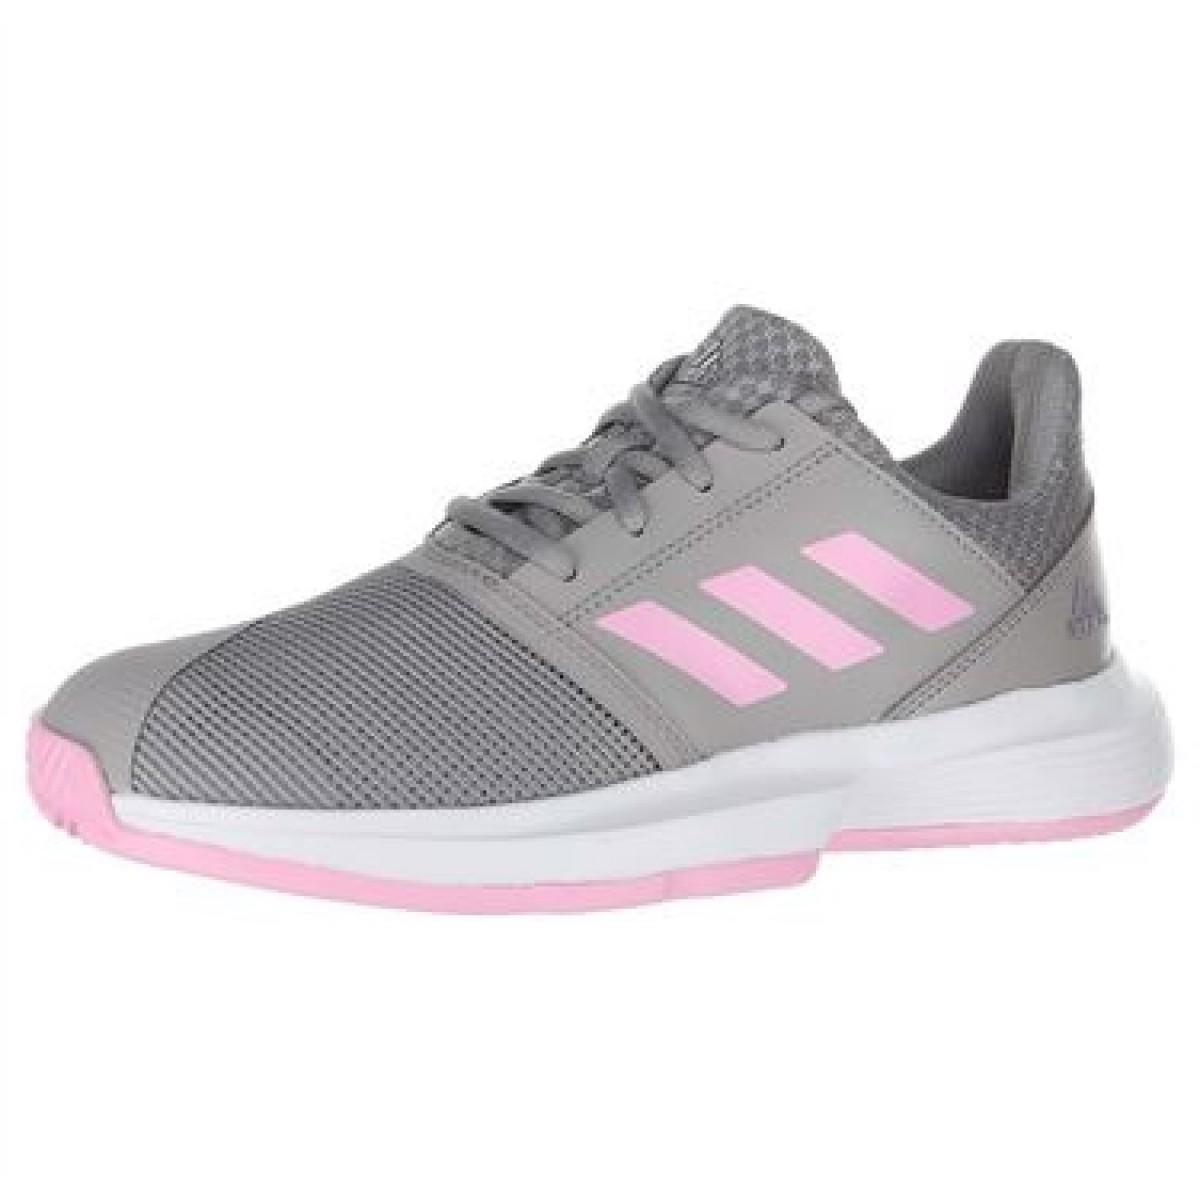 Детские теннисные кроссовки adidas CourtJam Junior grey/pink